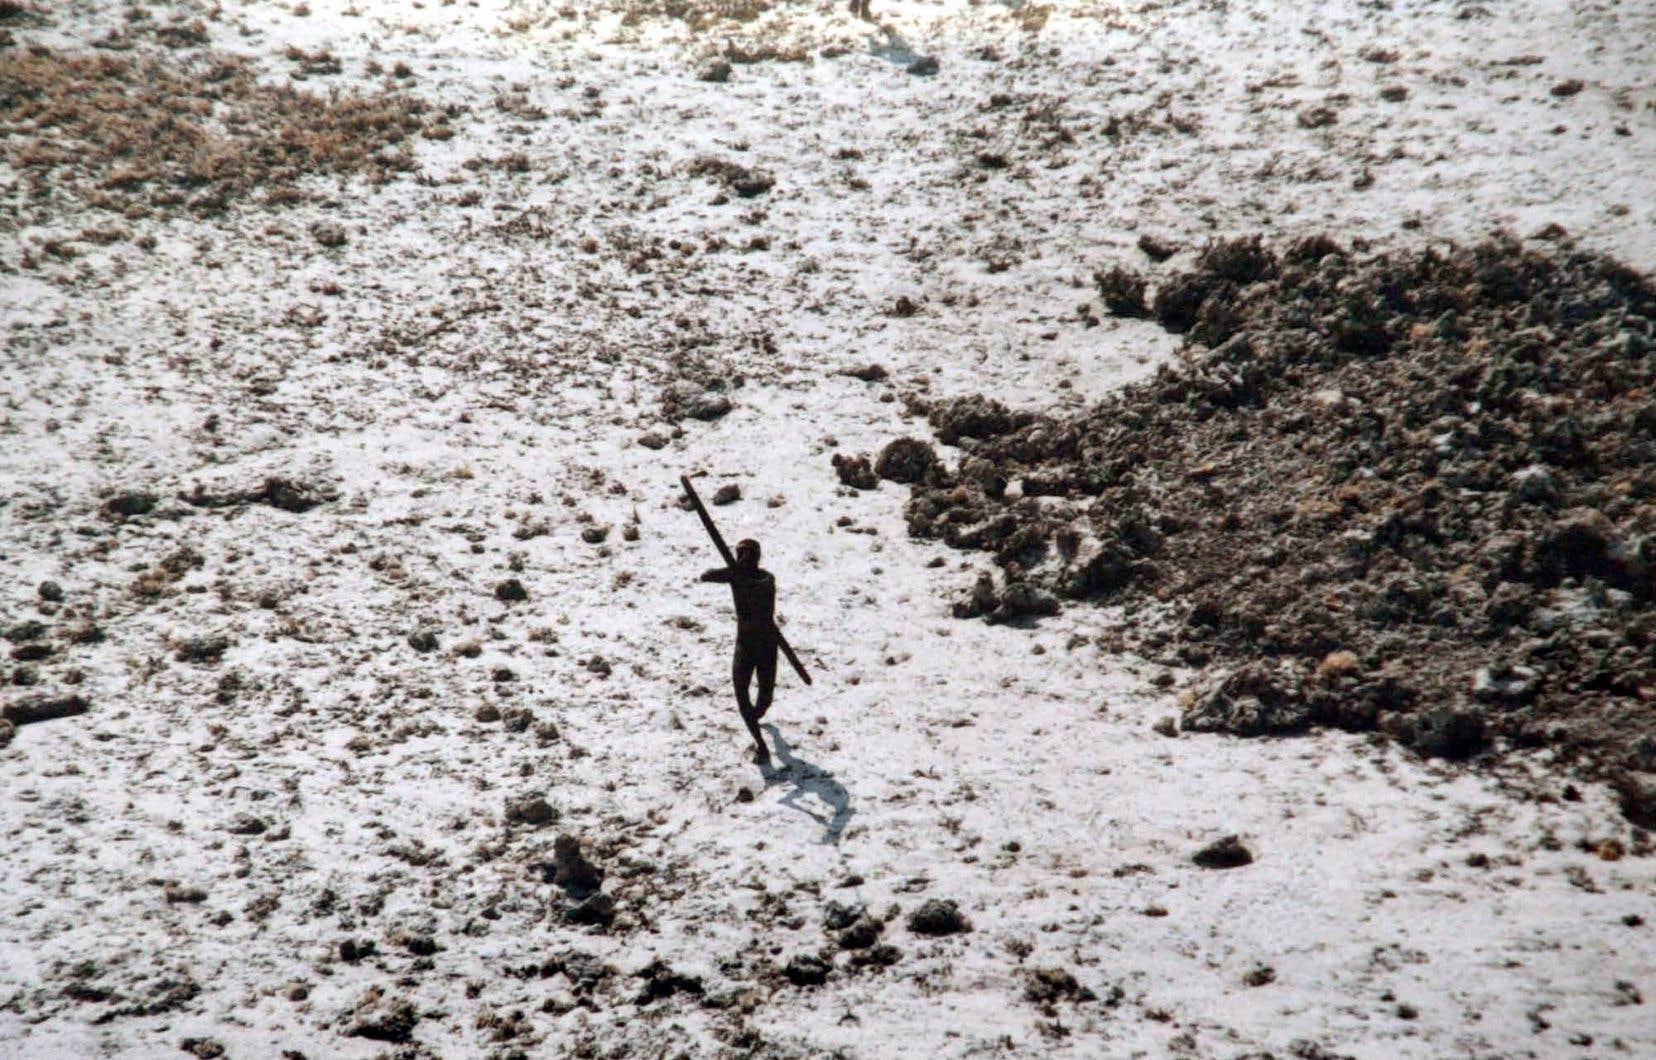 Peu après le tsunami de 2004, les gardes-côtes indiens avaient survolé l'île pour savoir si les autochtones avaient survécu à la catastrophe. Ils avaient été accueillis avec des arcs et des flèches.